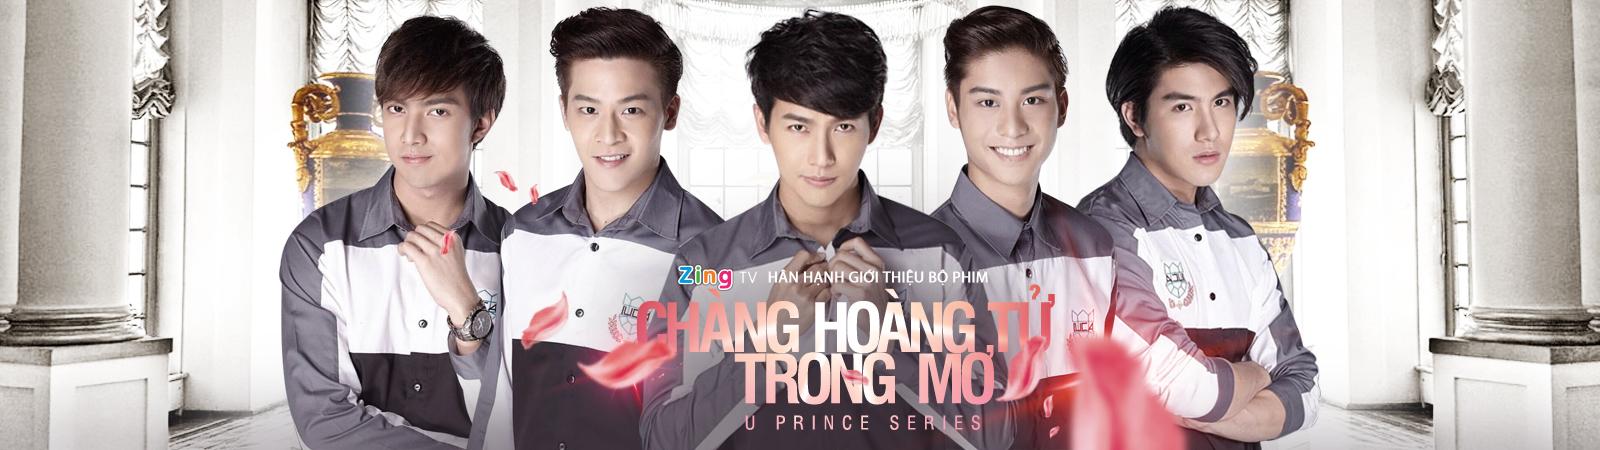 Tập 10 - U Prince Series - Chàng Hoàng Tử Trong Mơ